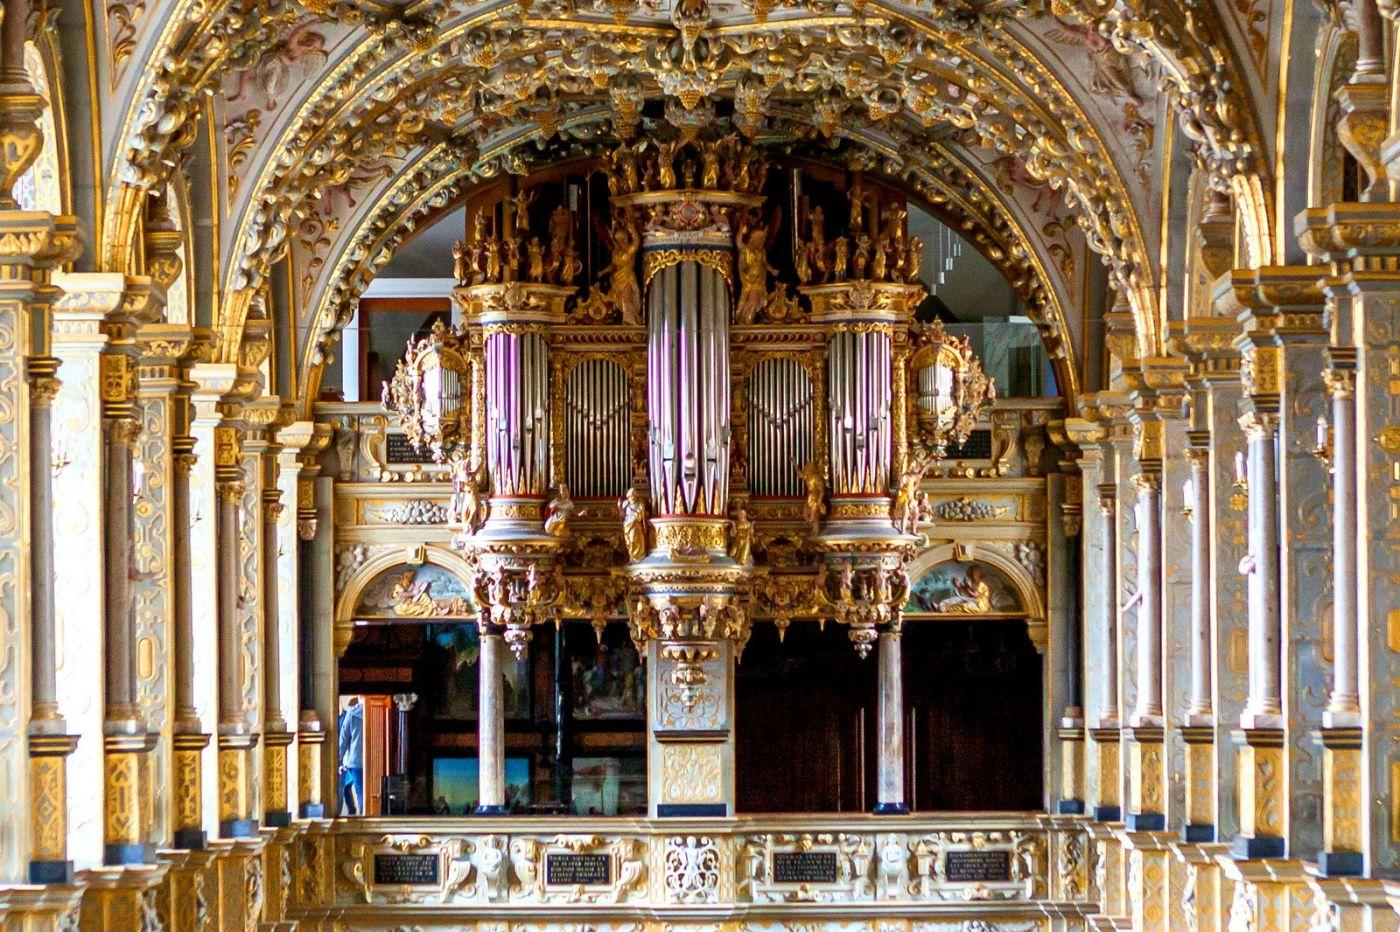 丹麦腓特烈堡城堡,很惊叹主厅吊顶_图1-11